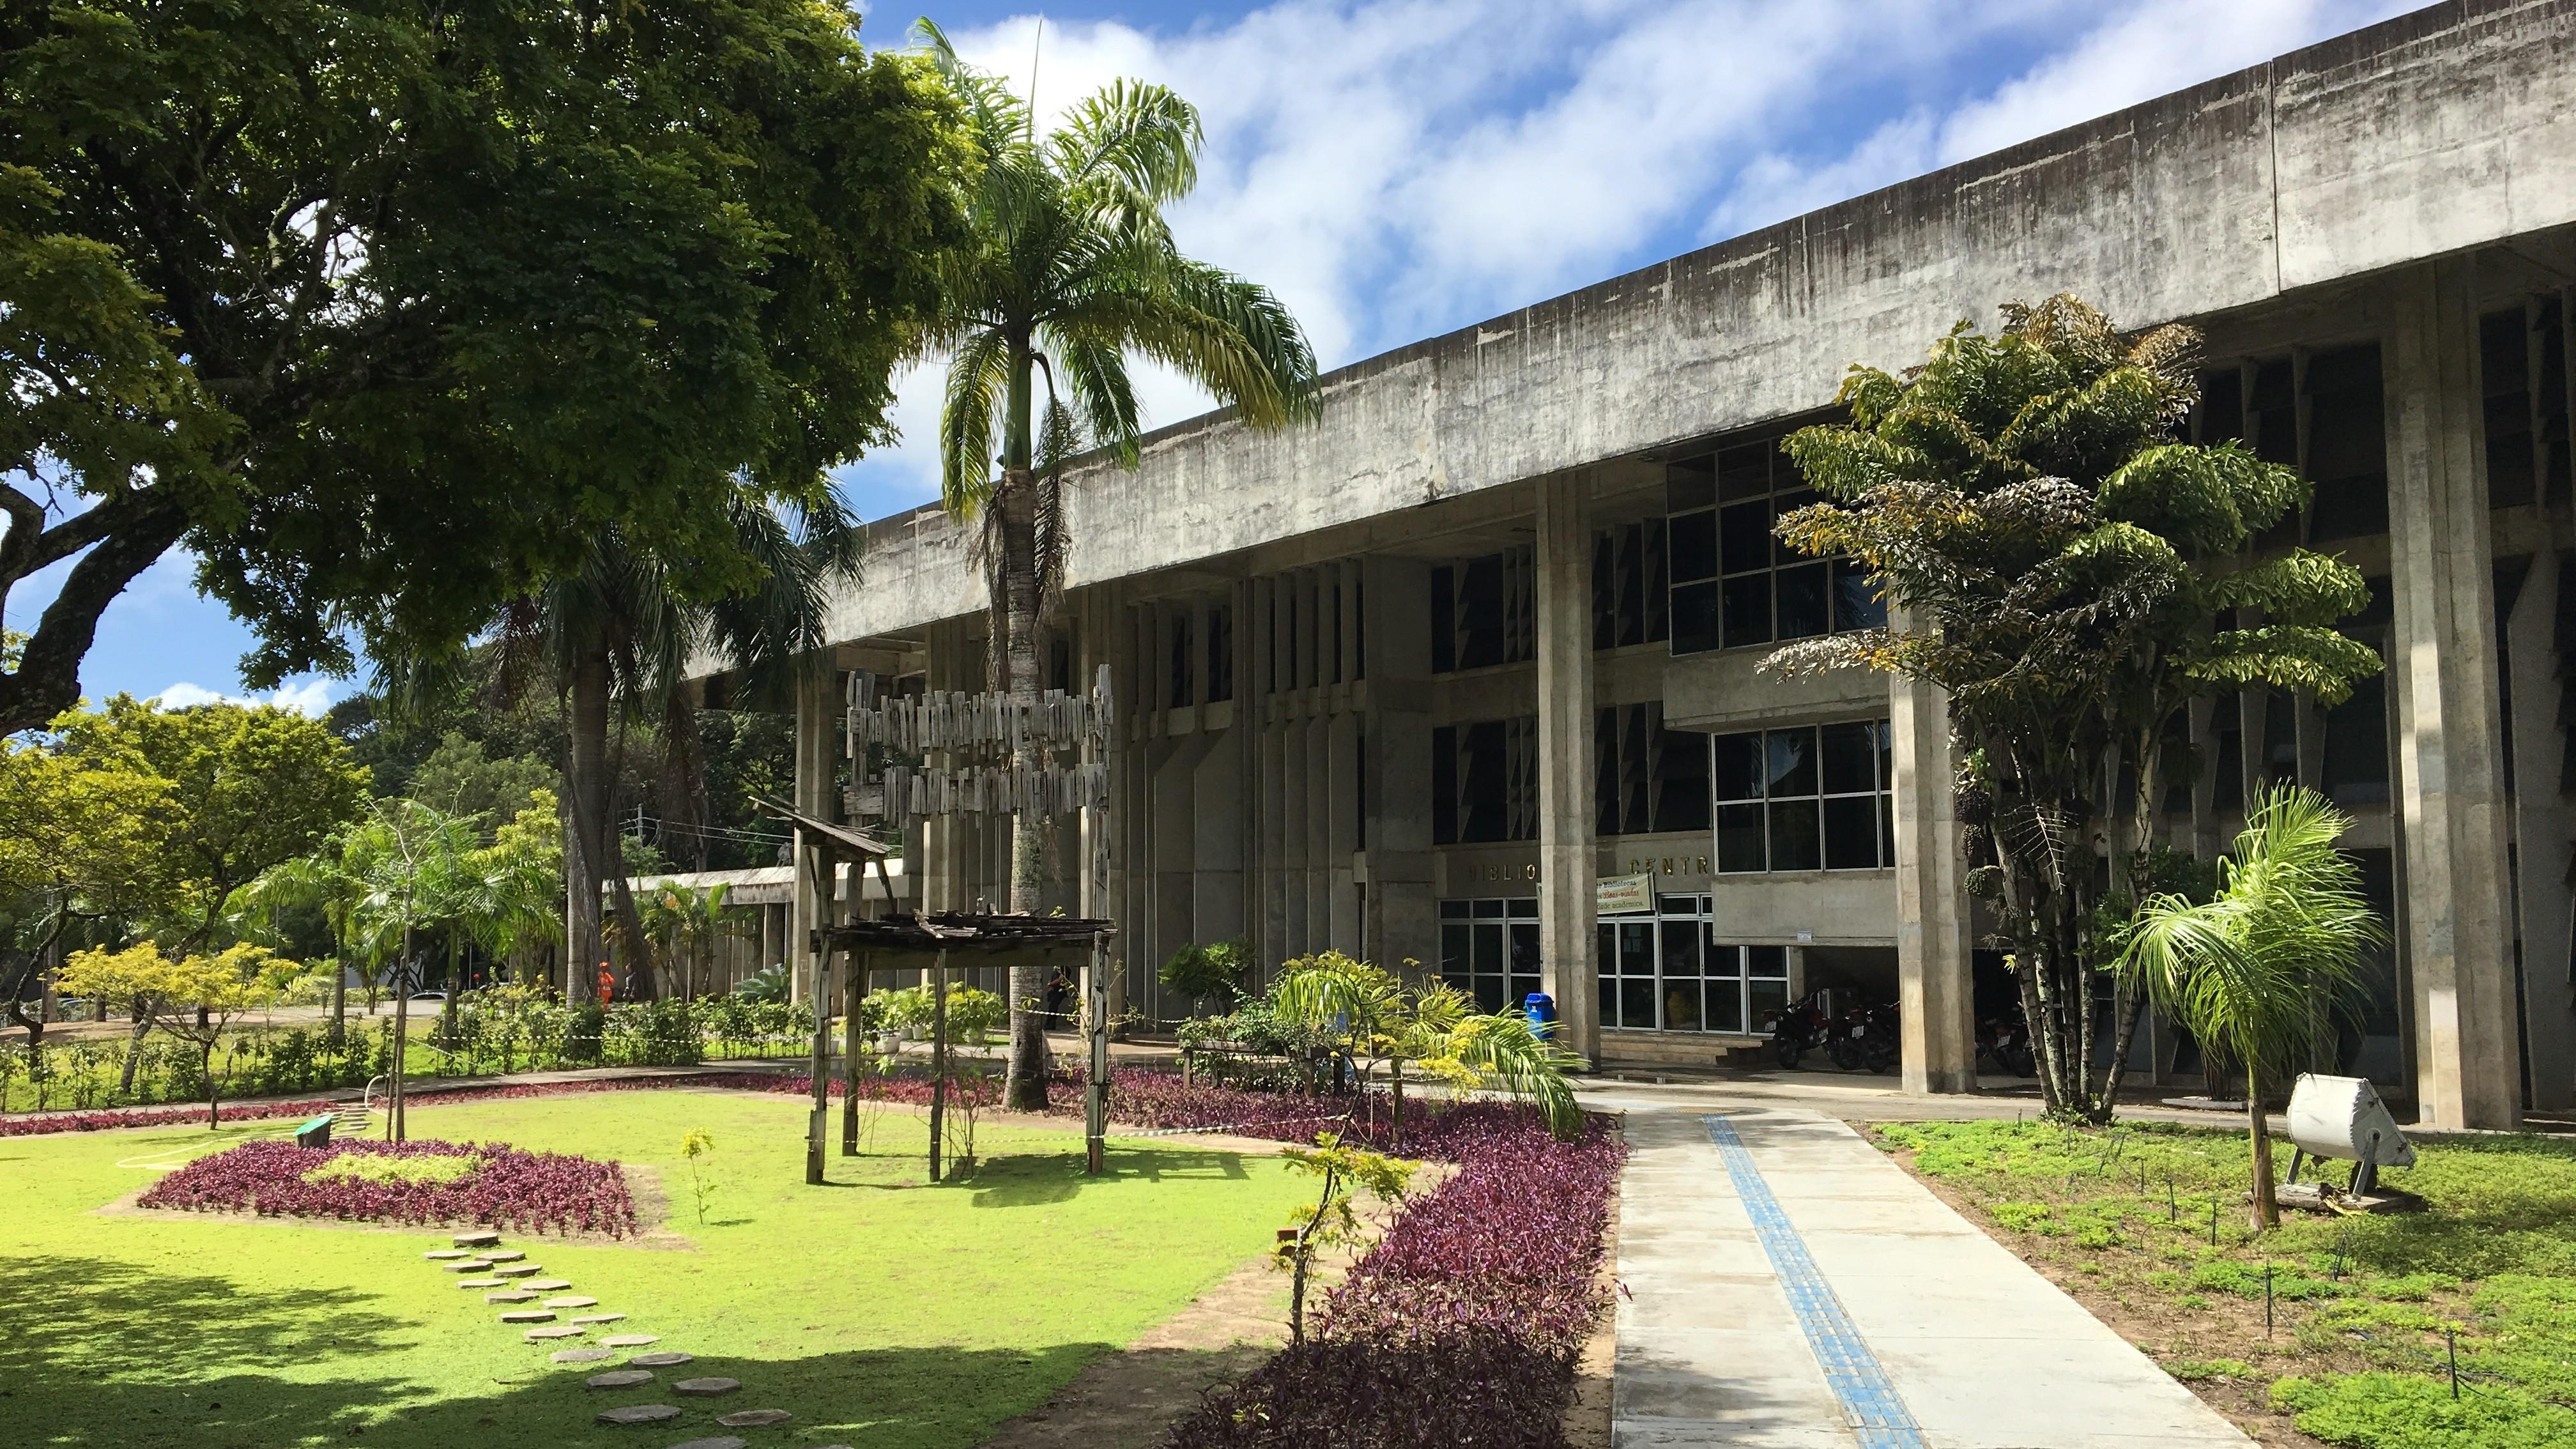 MEC repassa R$ 4,3 milhões para reforma na Biblioteca Central da UFPB, em João Pessoa - Notícias - Plantão Diário